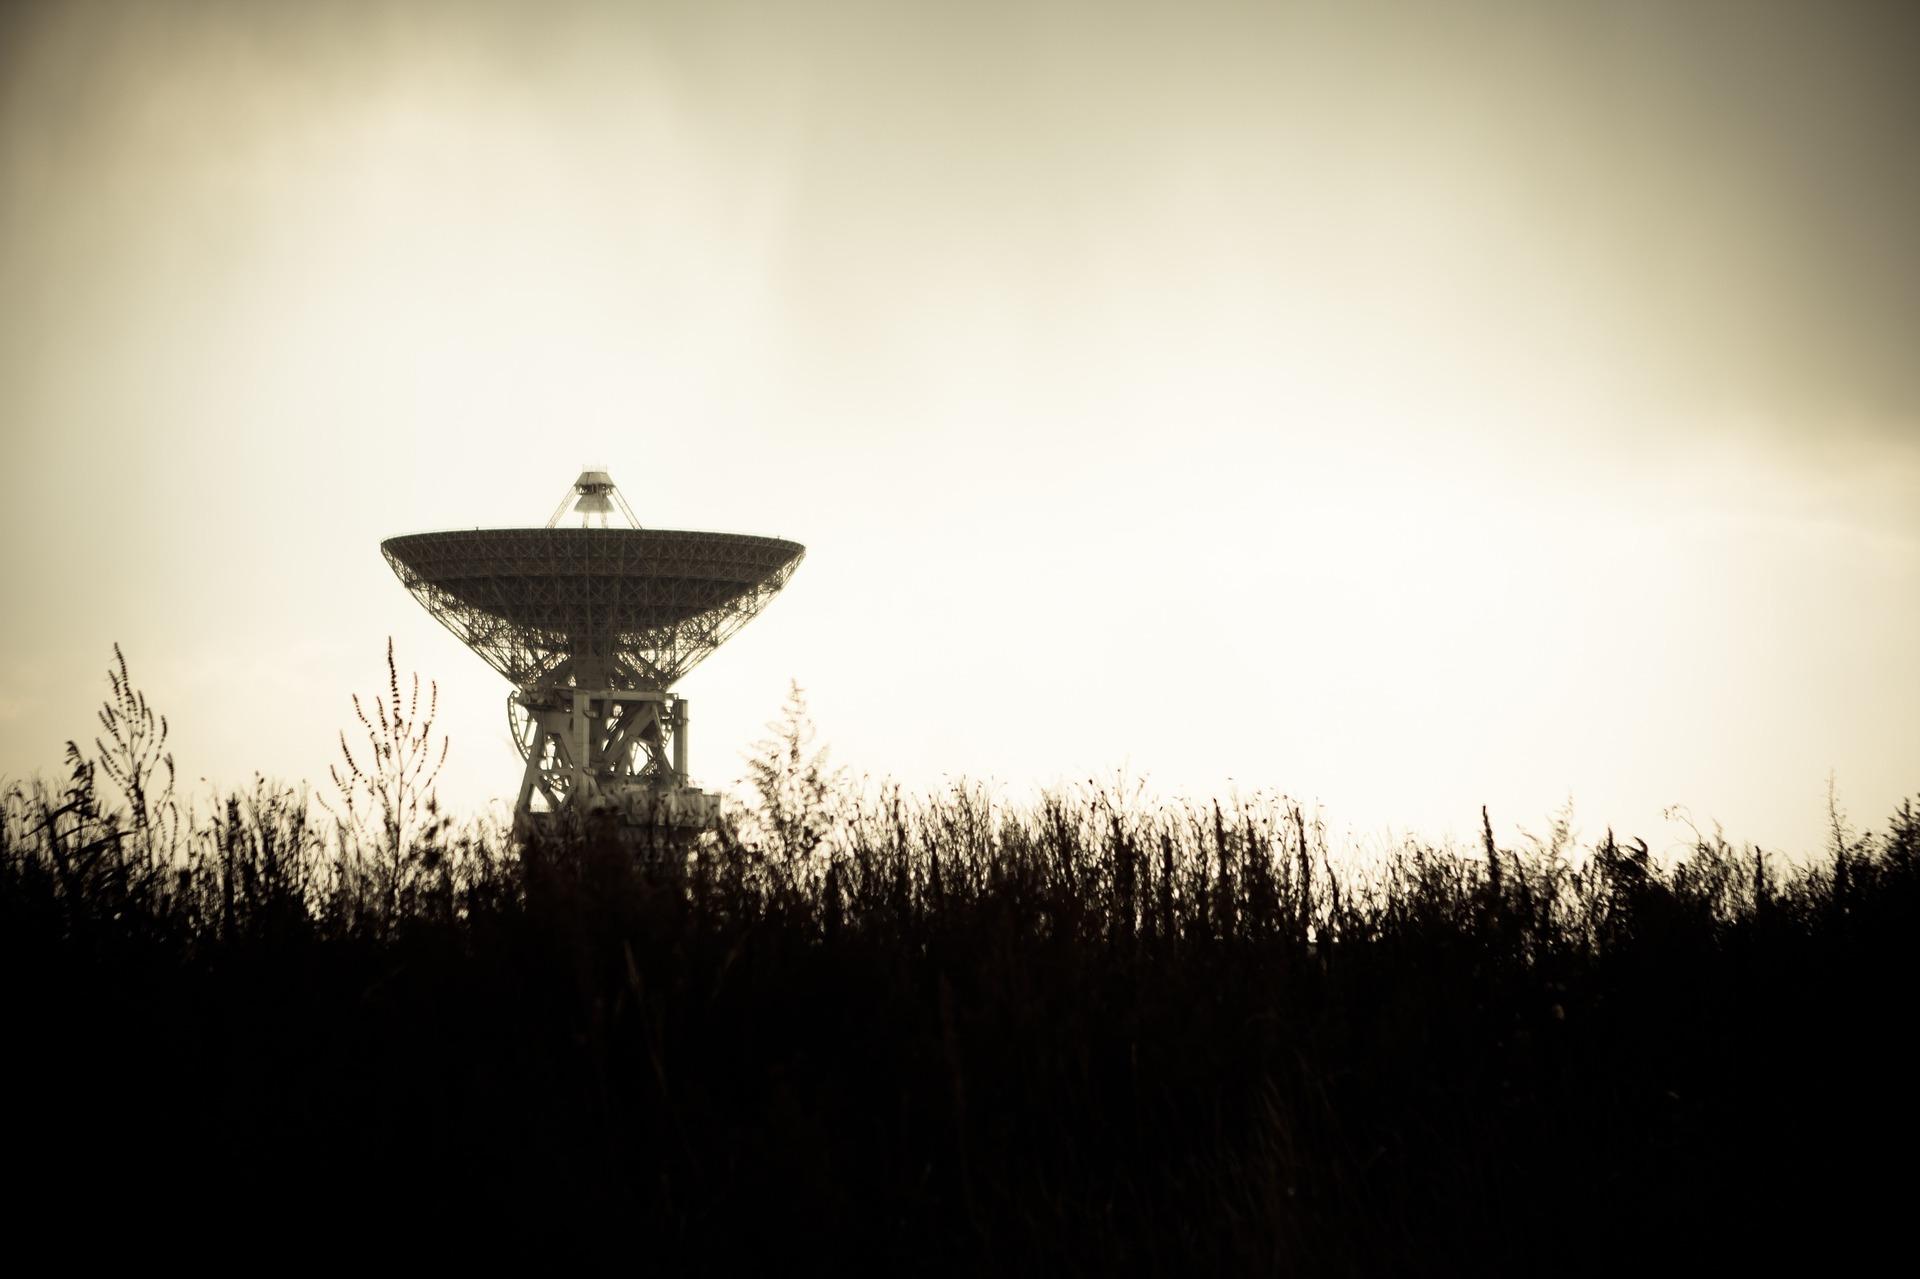 Ράδιο τηλεσκόπιο, Αστρονομία, κεραία, Παρατηρητήριο, Έρευνα, Επικοινωνία, Αστροφυσική, παραβολική κεραία - Wallpapers HD - Professor-falken.com